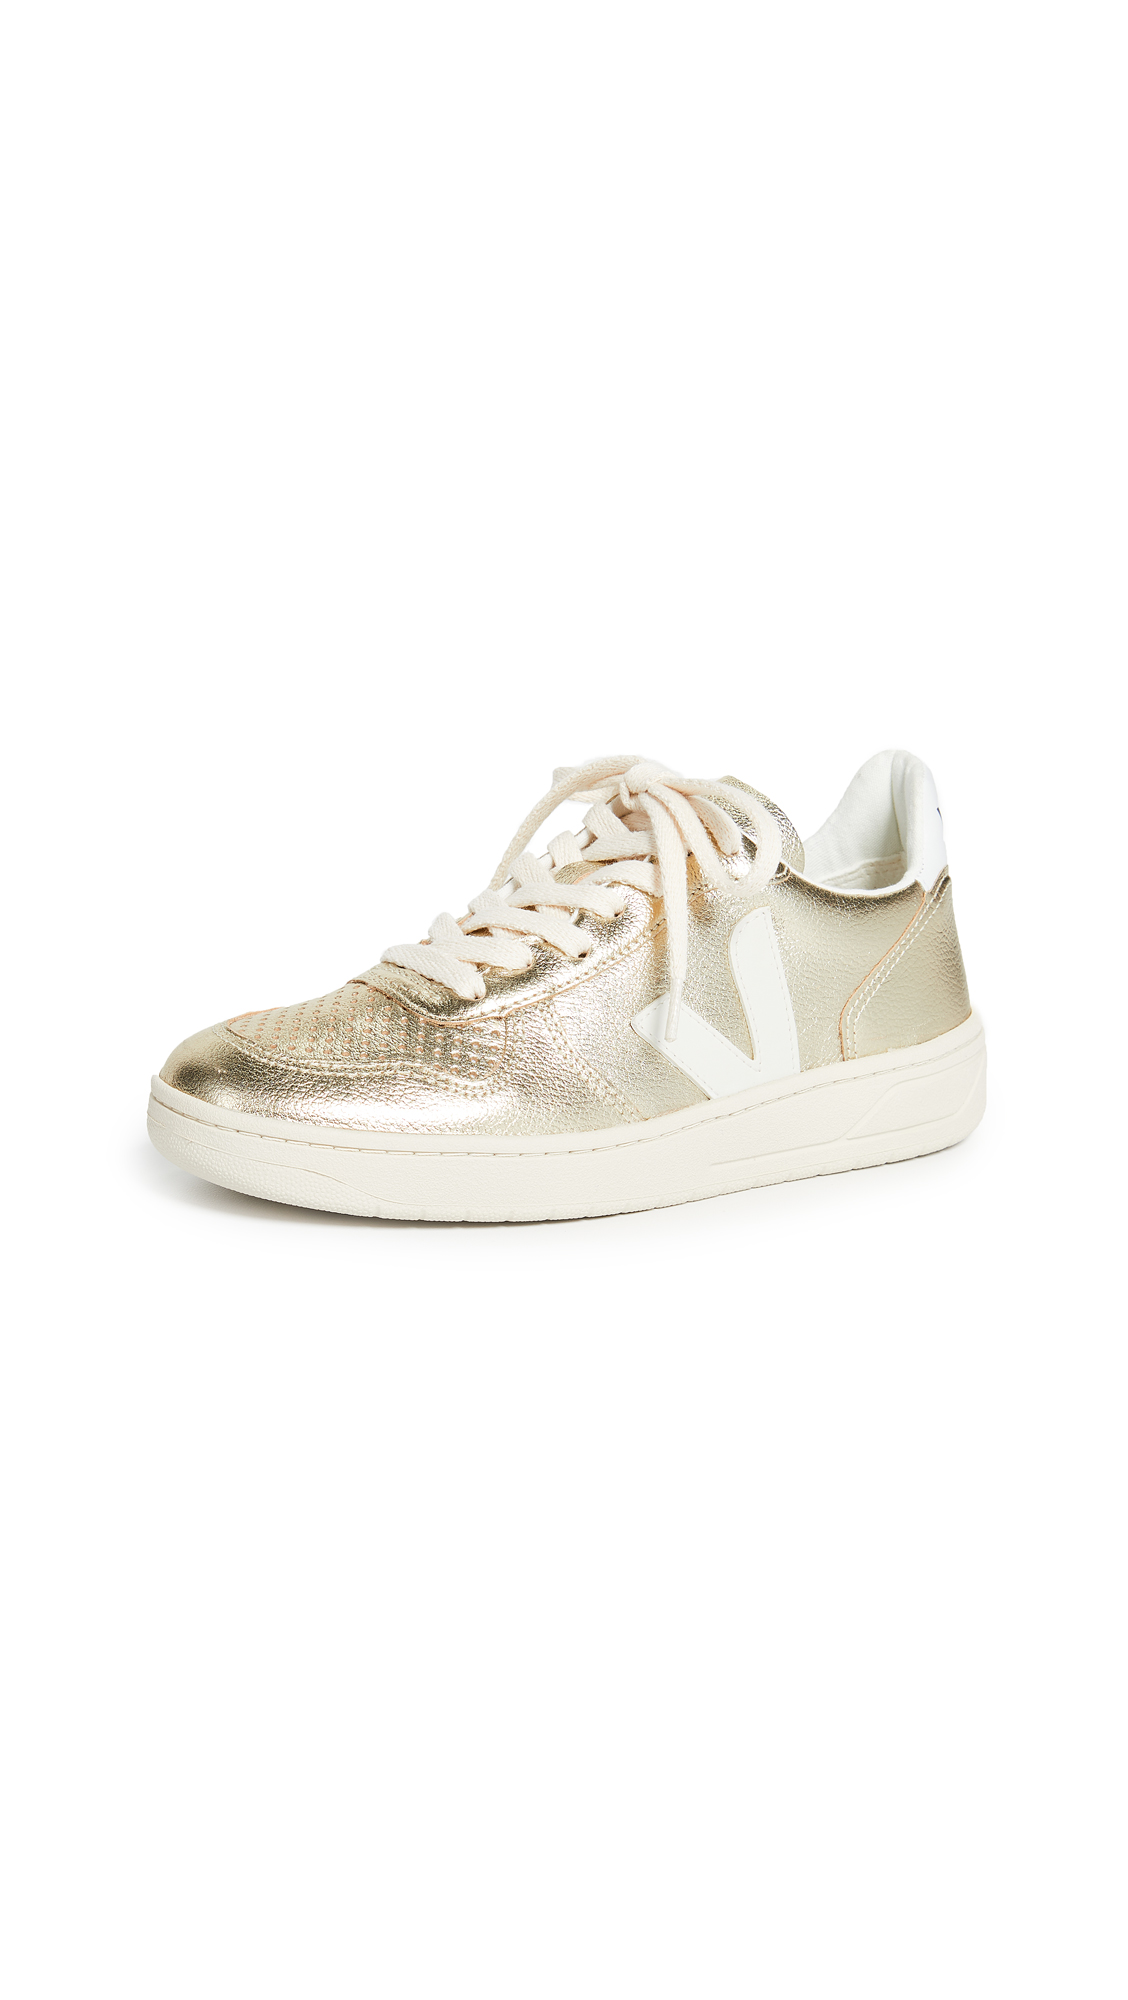 Veja V-10 Sneakers - Gold